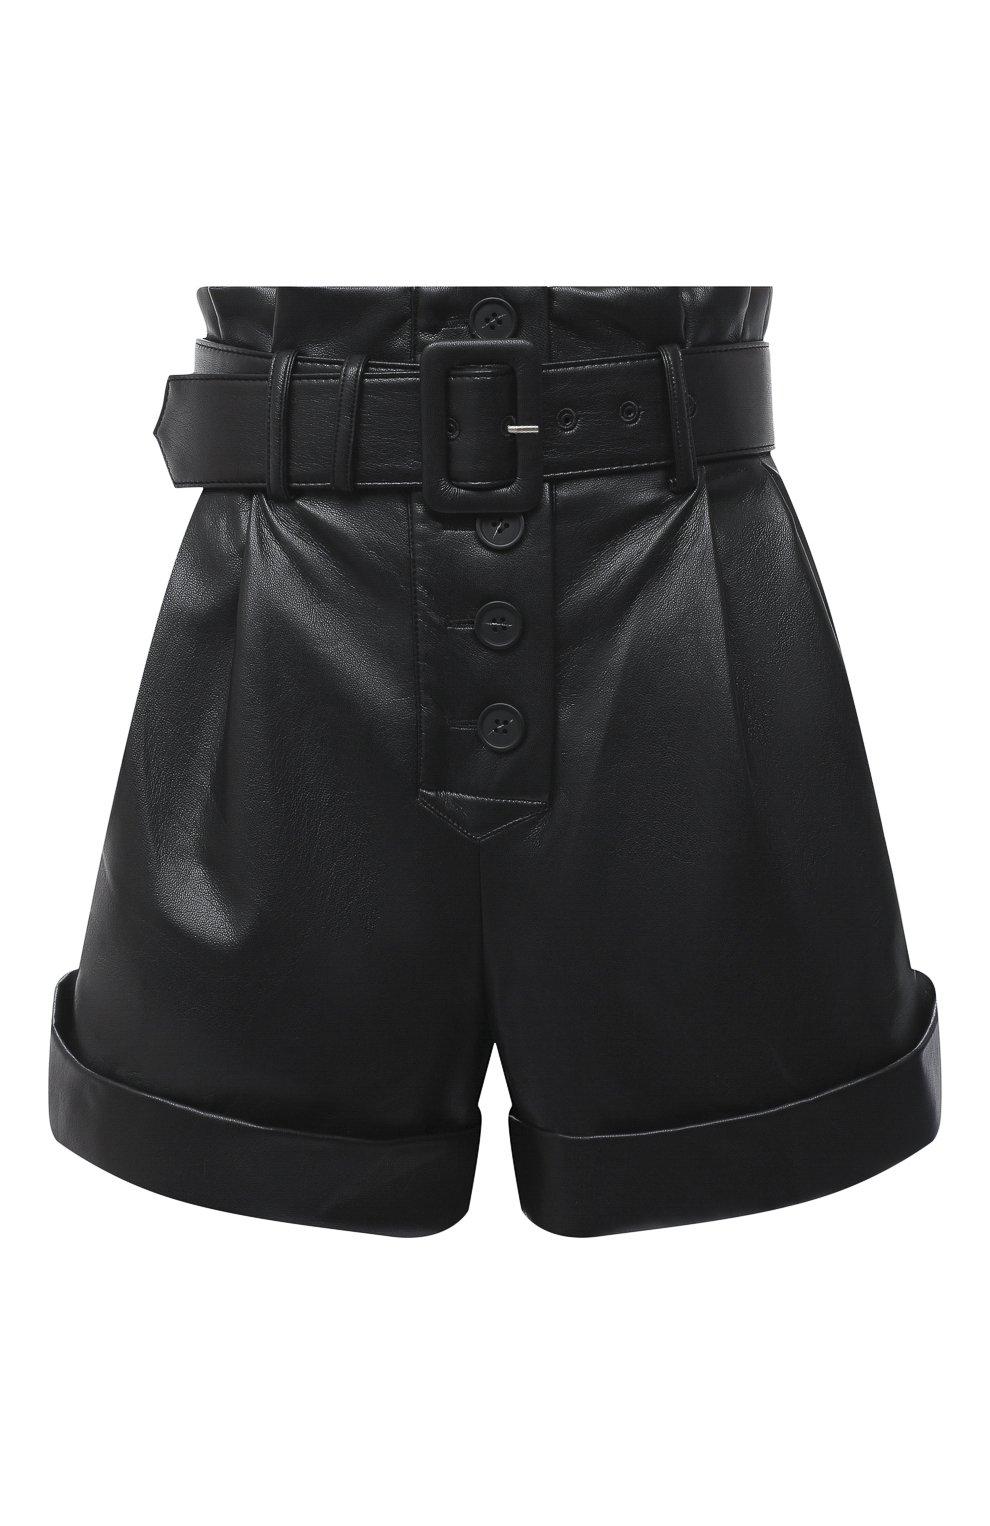 Женские шорты с поясом SELF-PORTRAIT черного цвета, арт. PF20-135   Фото 1 (Женское Кросс-КТ: Шорты-одежда; Длина Ж (юбки, платья, шорты): Мини; Материал внешний: Синтетический материал; Материал подклада: Синтетический материал; Стили: Кэжуэл)